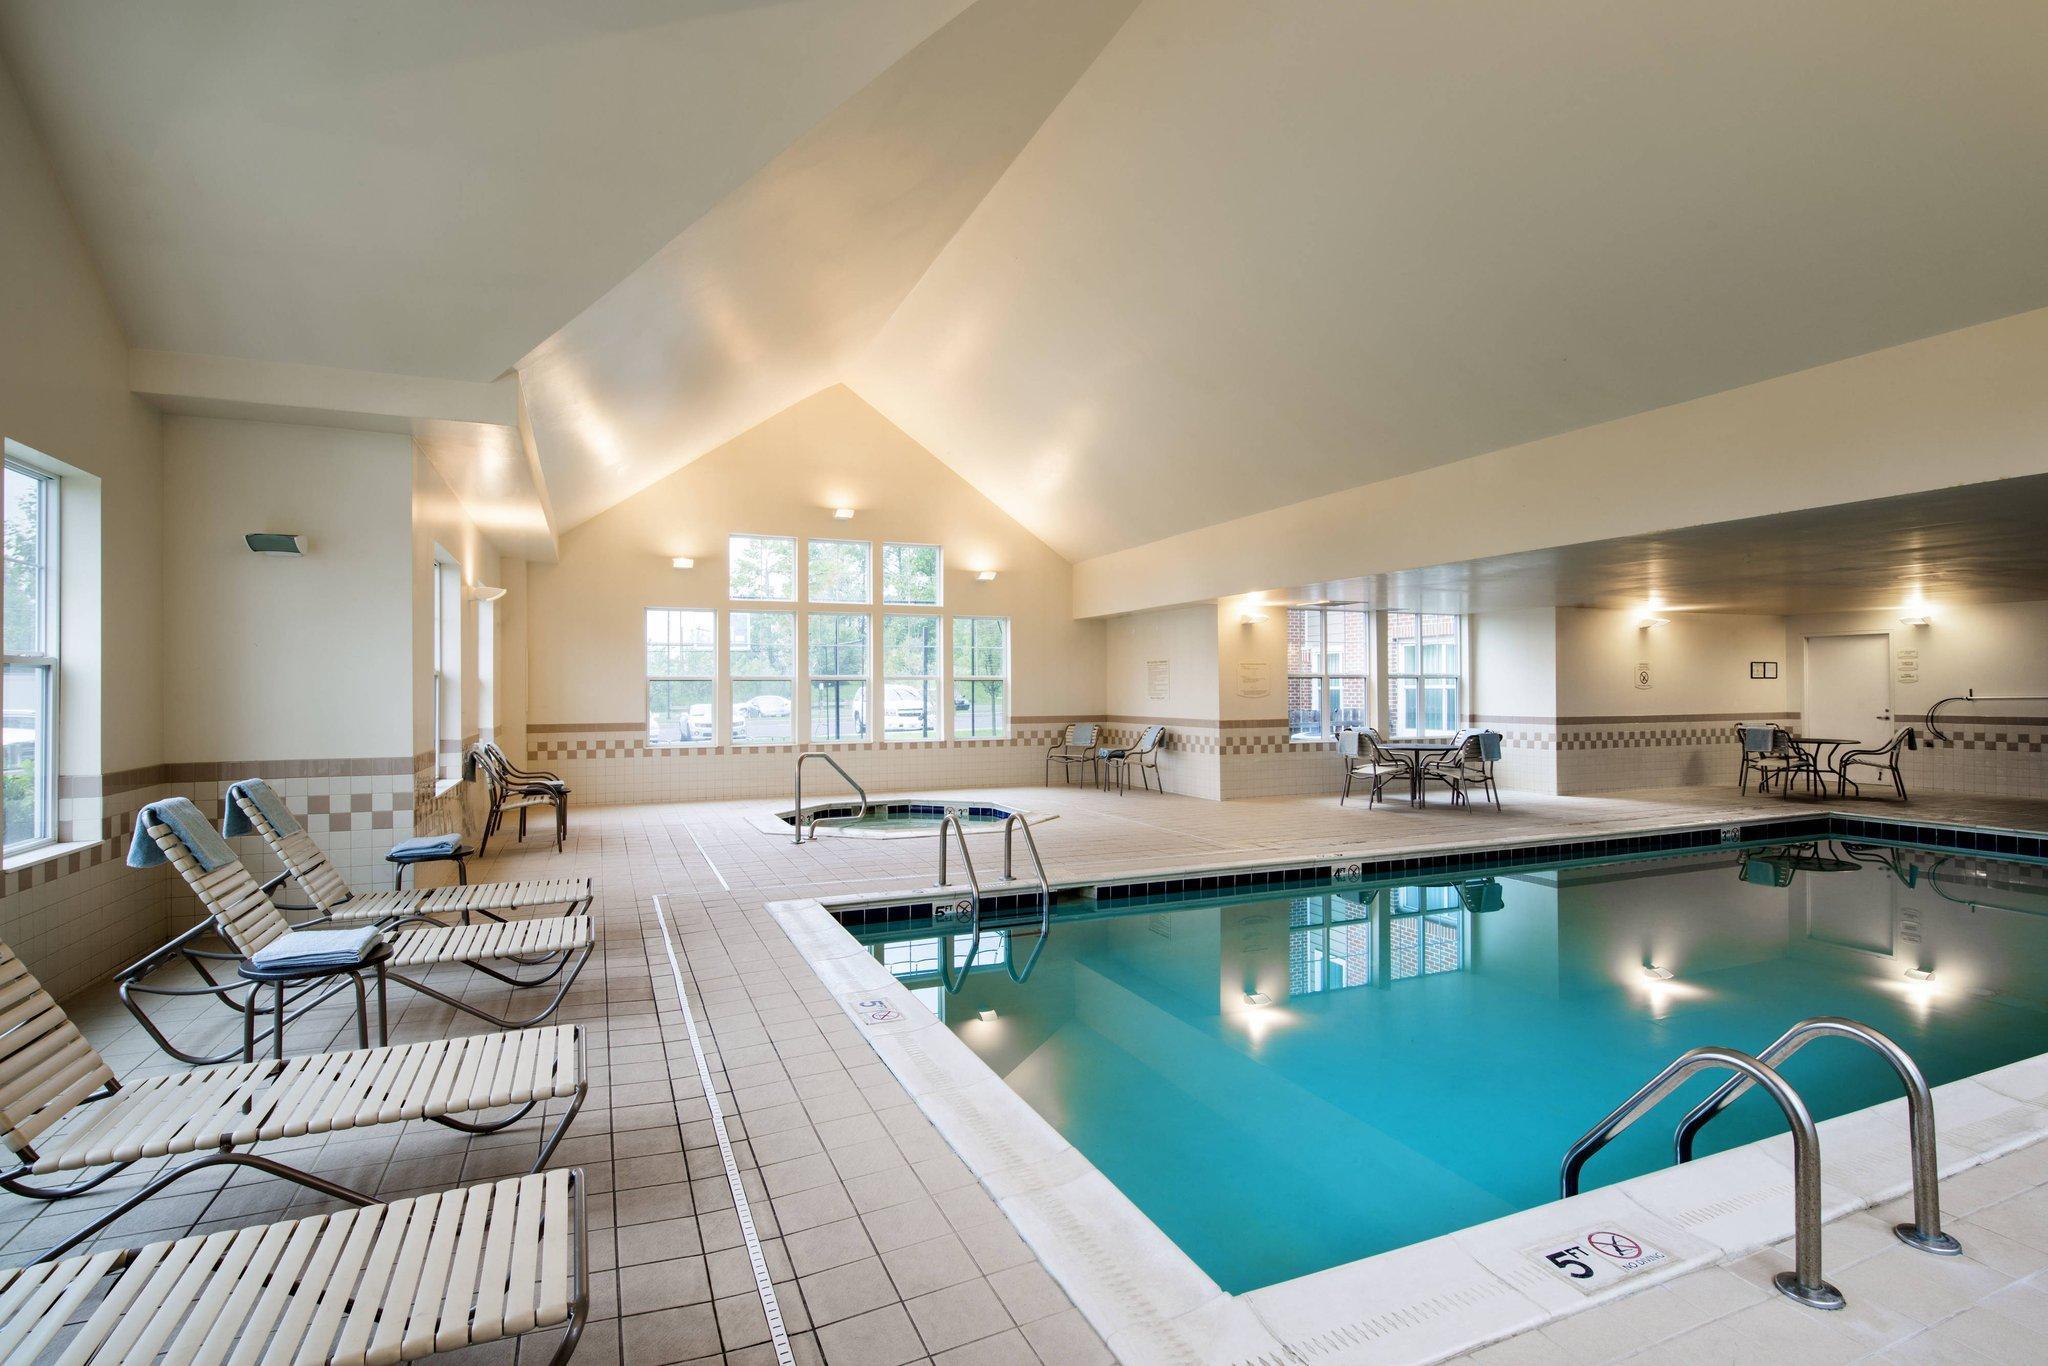 Residence Inn Philadelphia Langhorne, Bucks